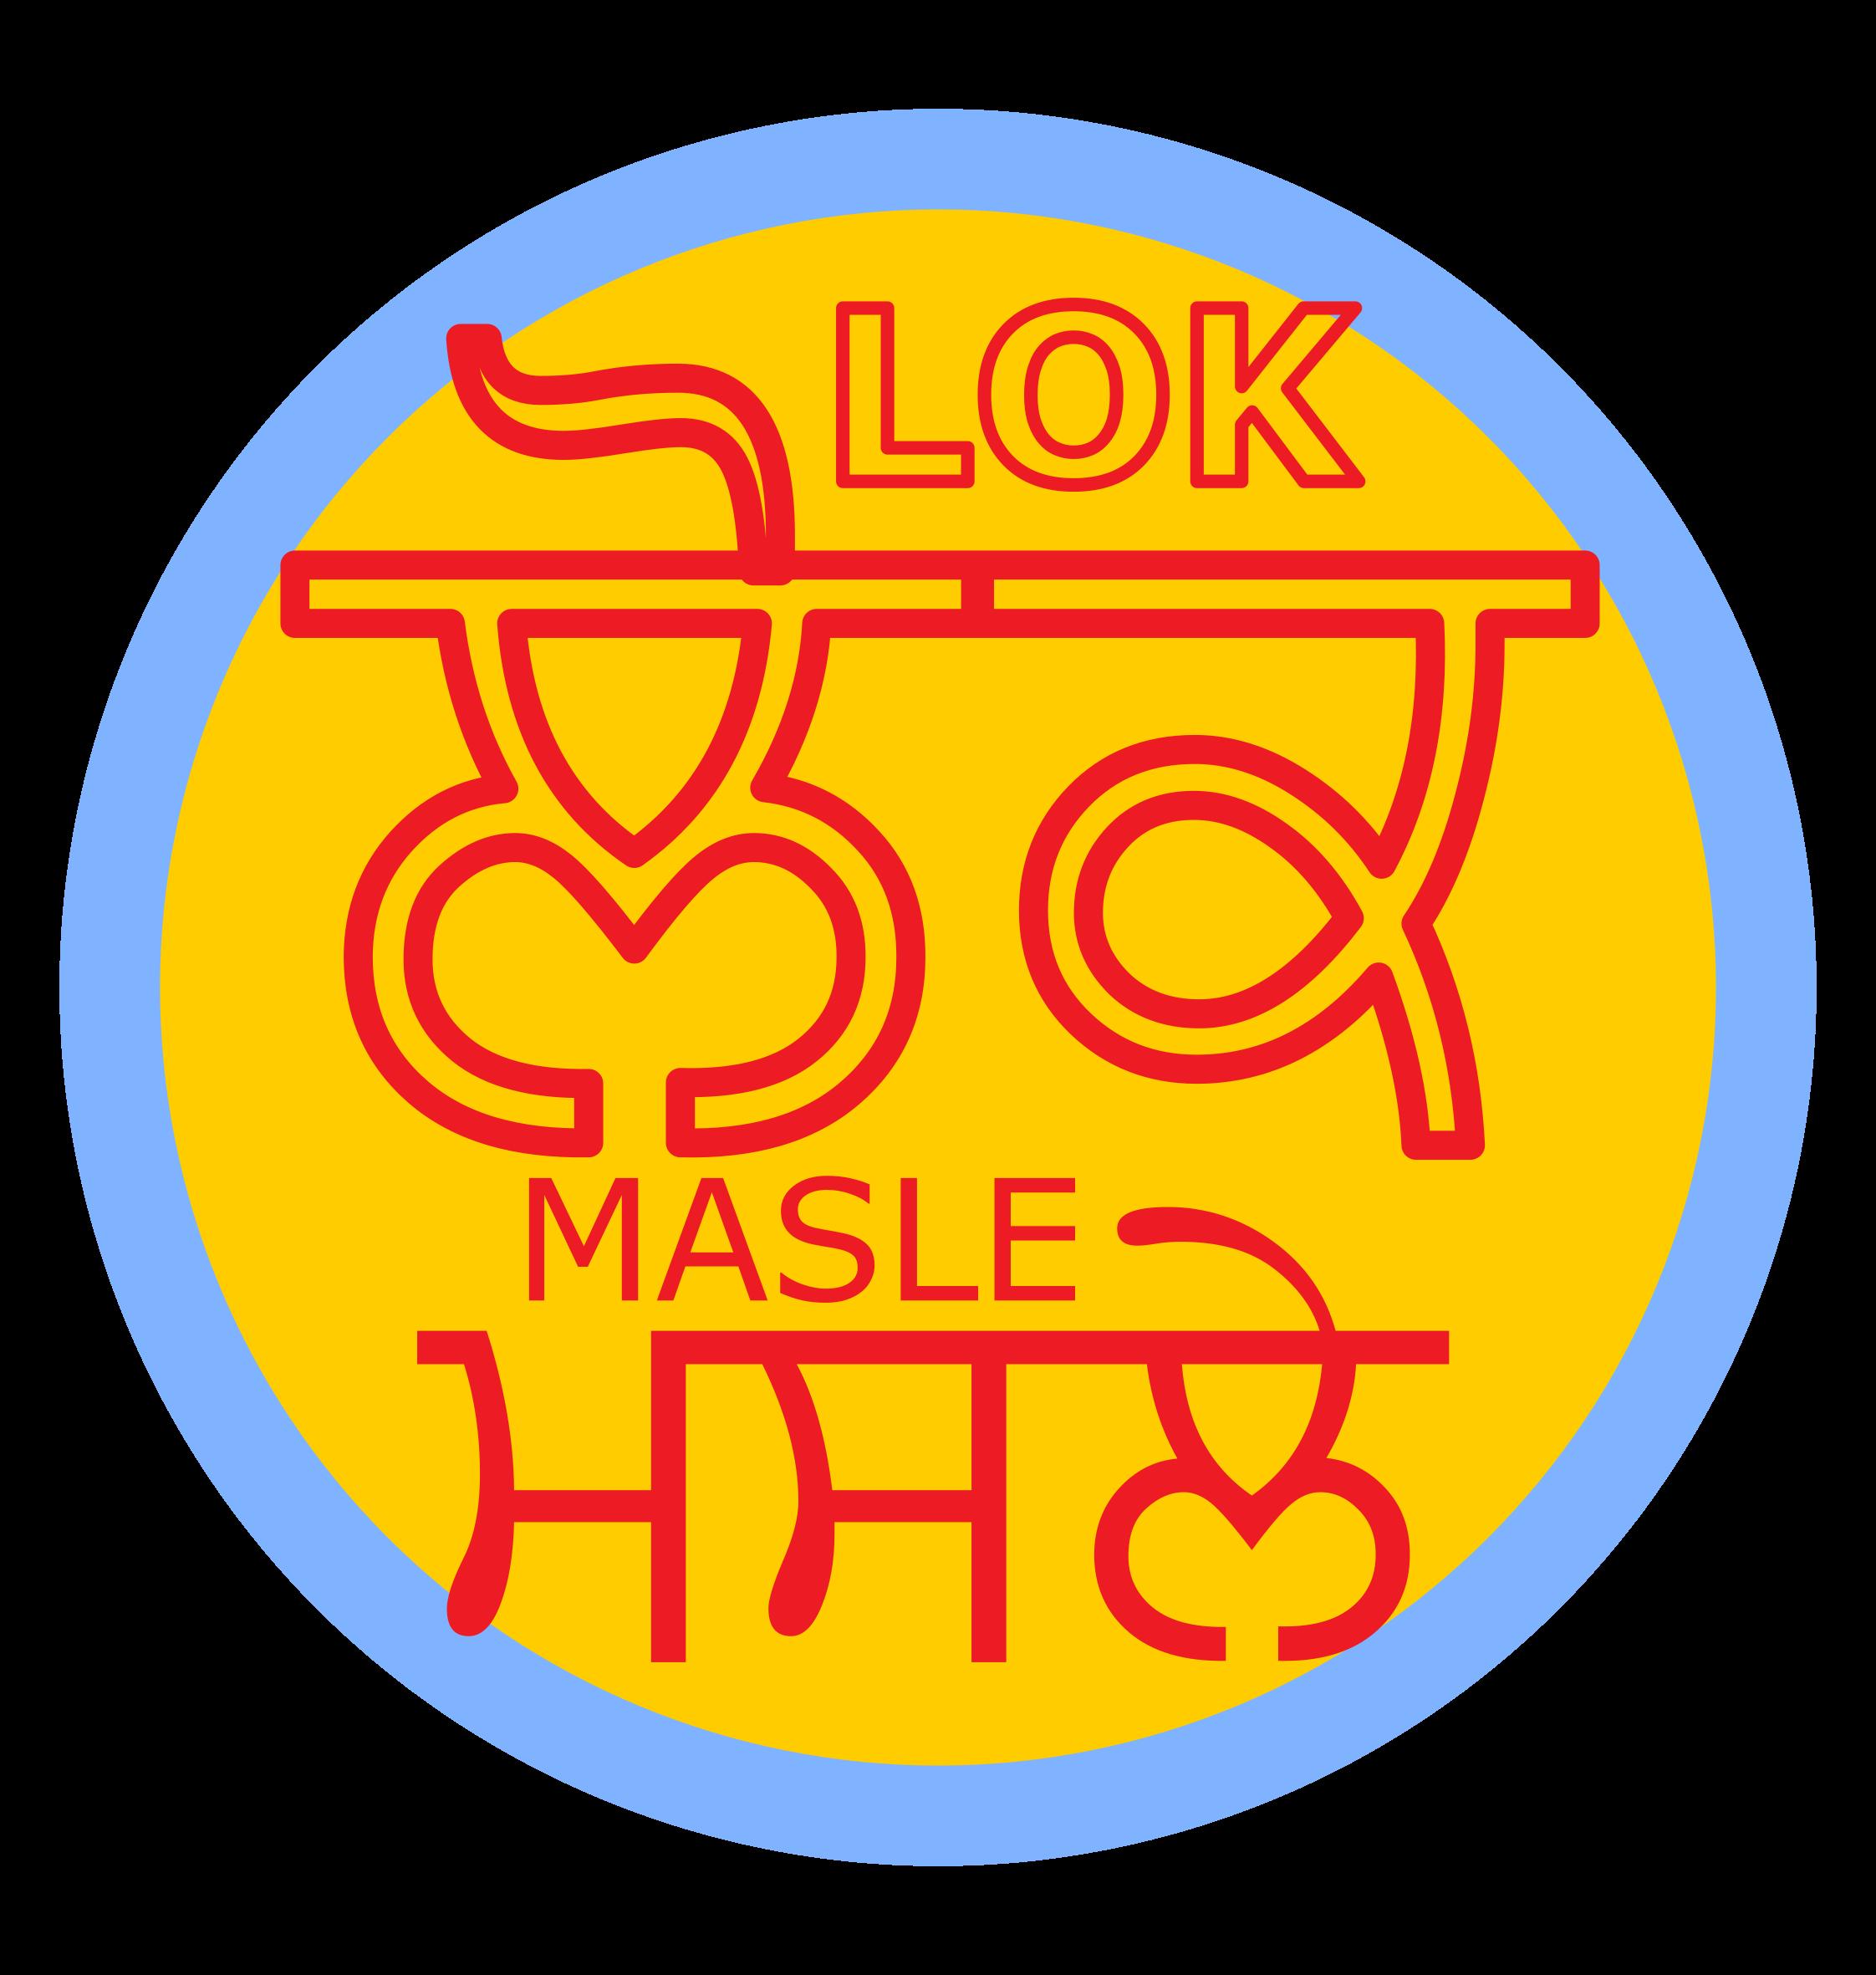 Lok Masle